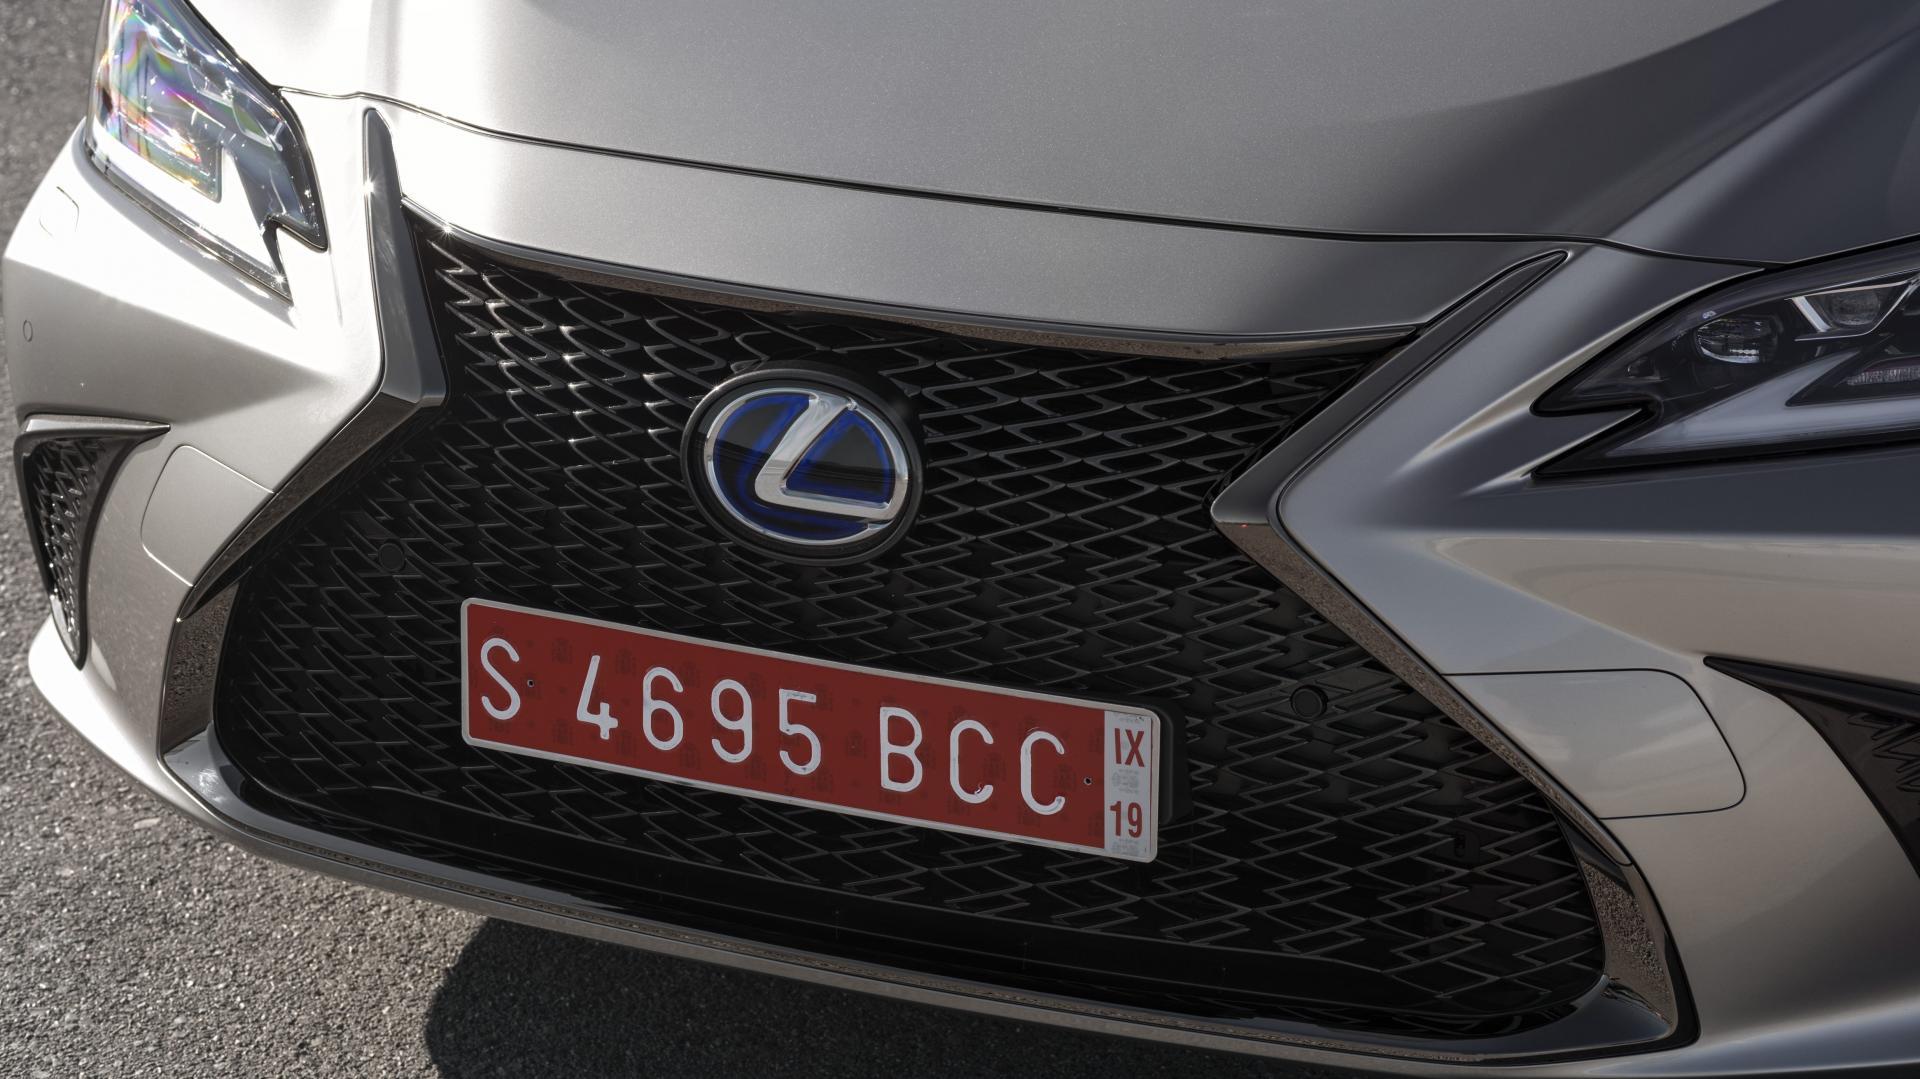 Lexus ES 300h F Sport Premium grille